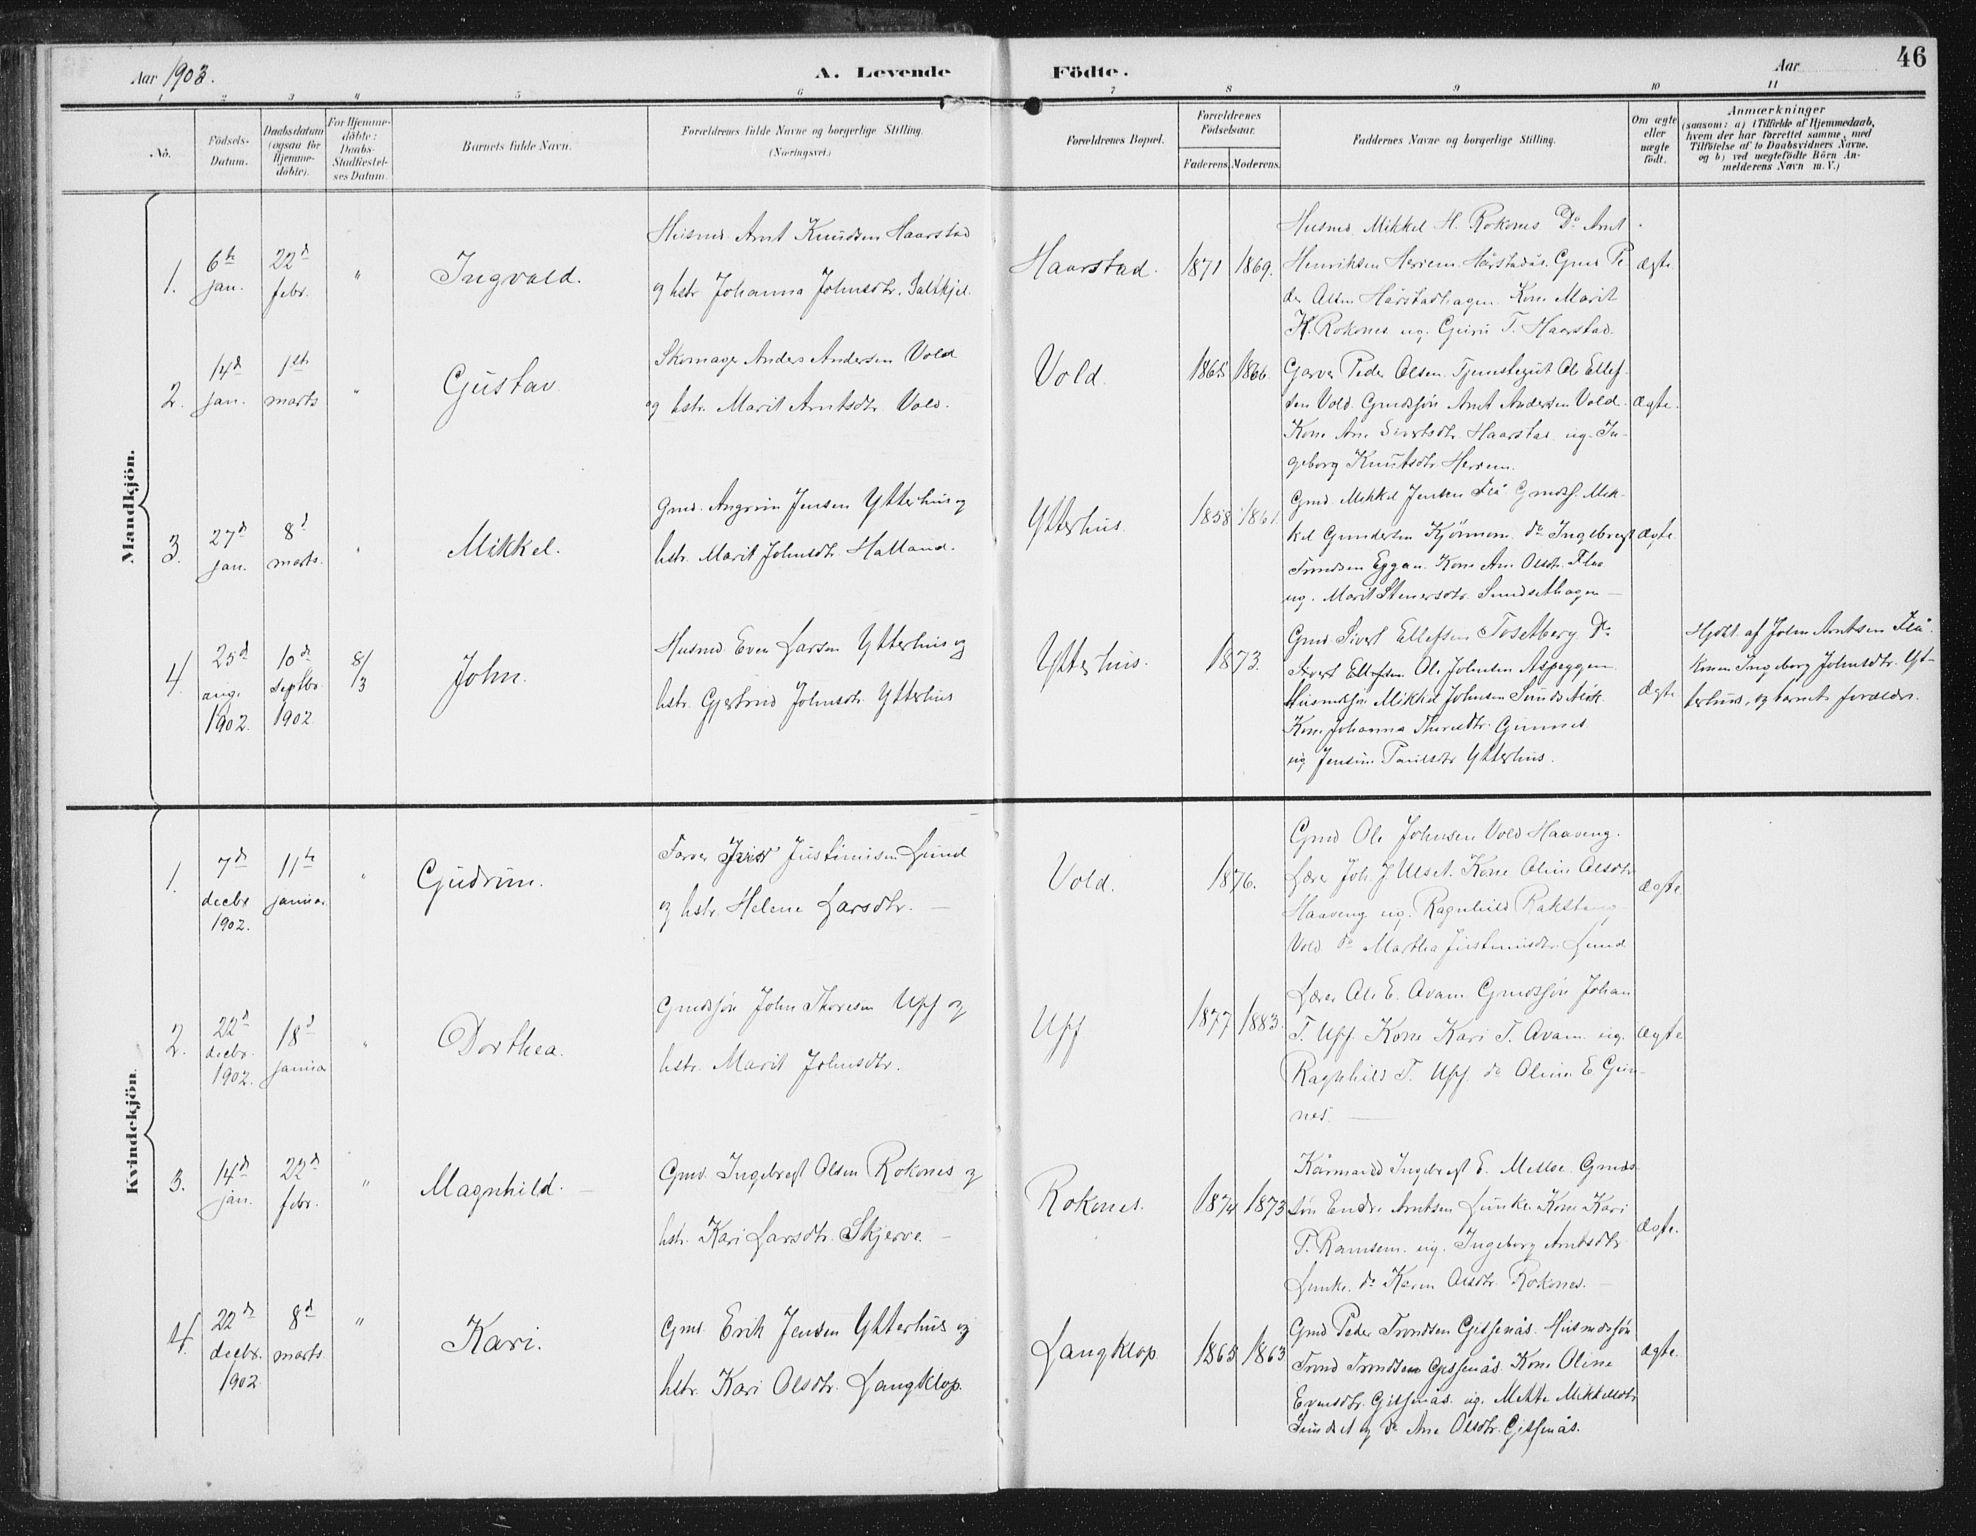 SAT, Ministerialprotokoller, klokkerbøker og fødselsregistre - Sør-Trøndelag, 674/L0872: Ministerialbok nr. 674A04, 1897-1907, s. 46